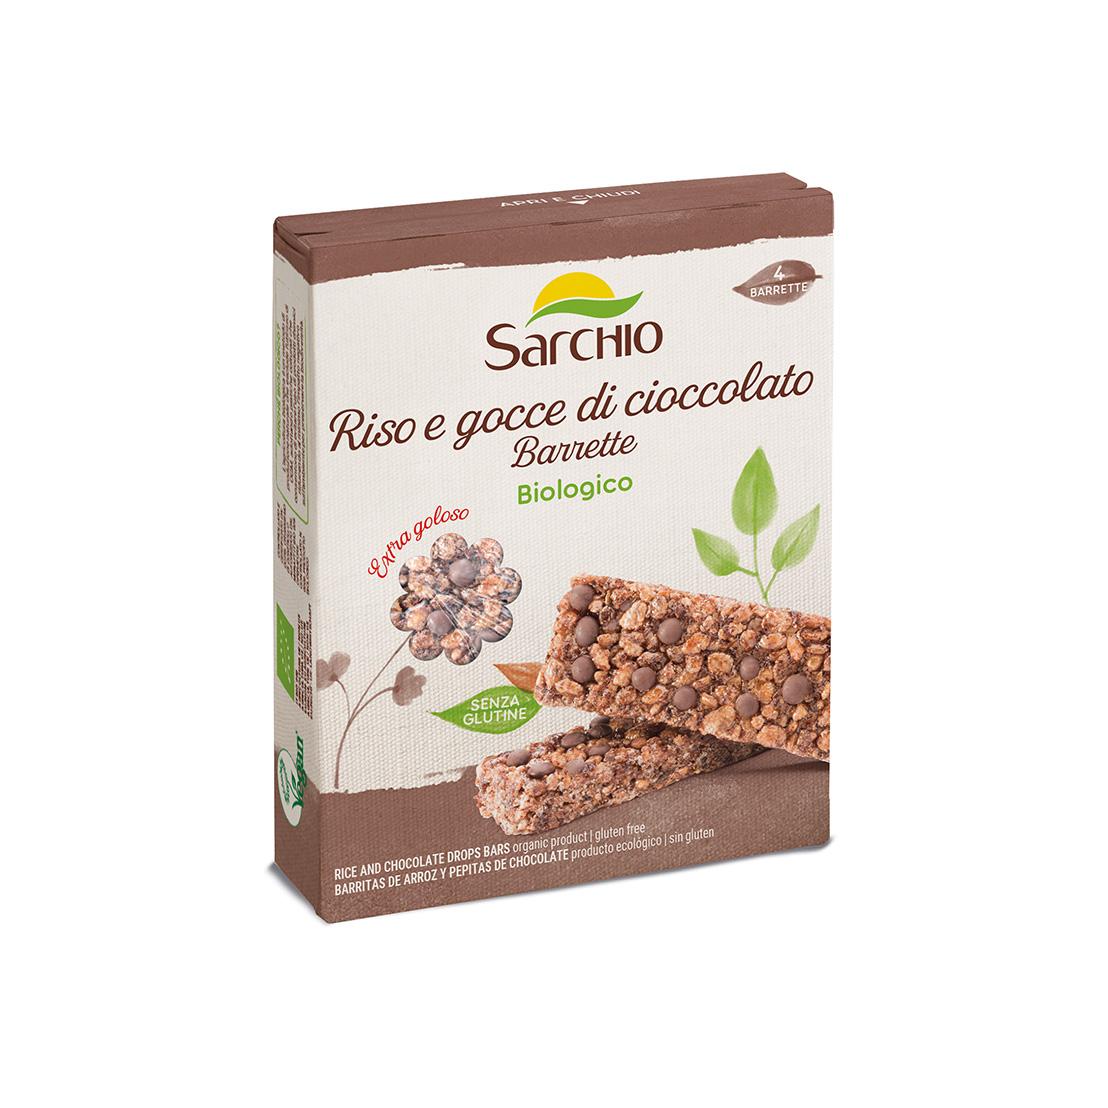 Barrette riso e gocce di cioccolato